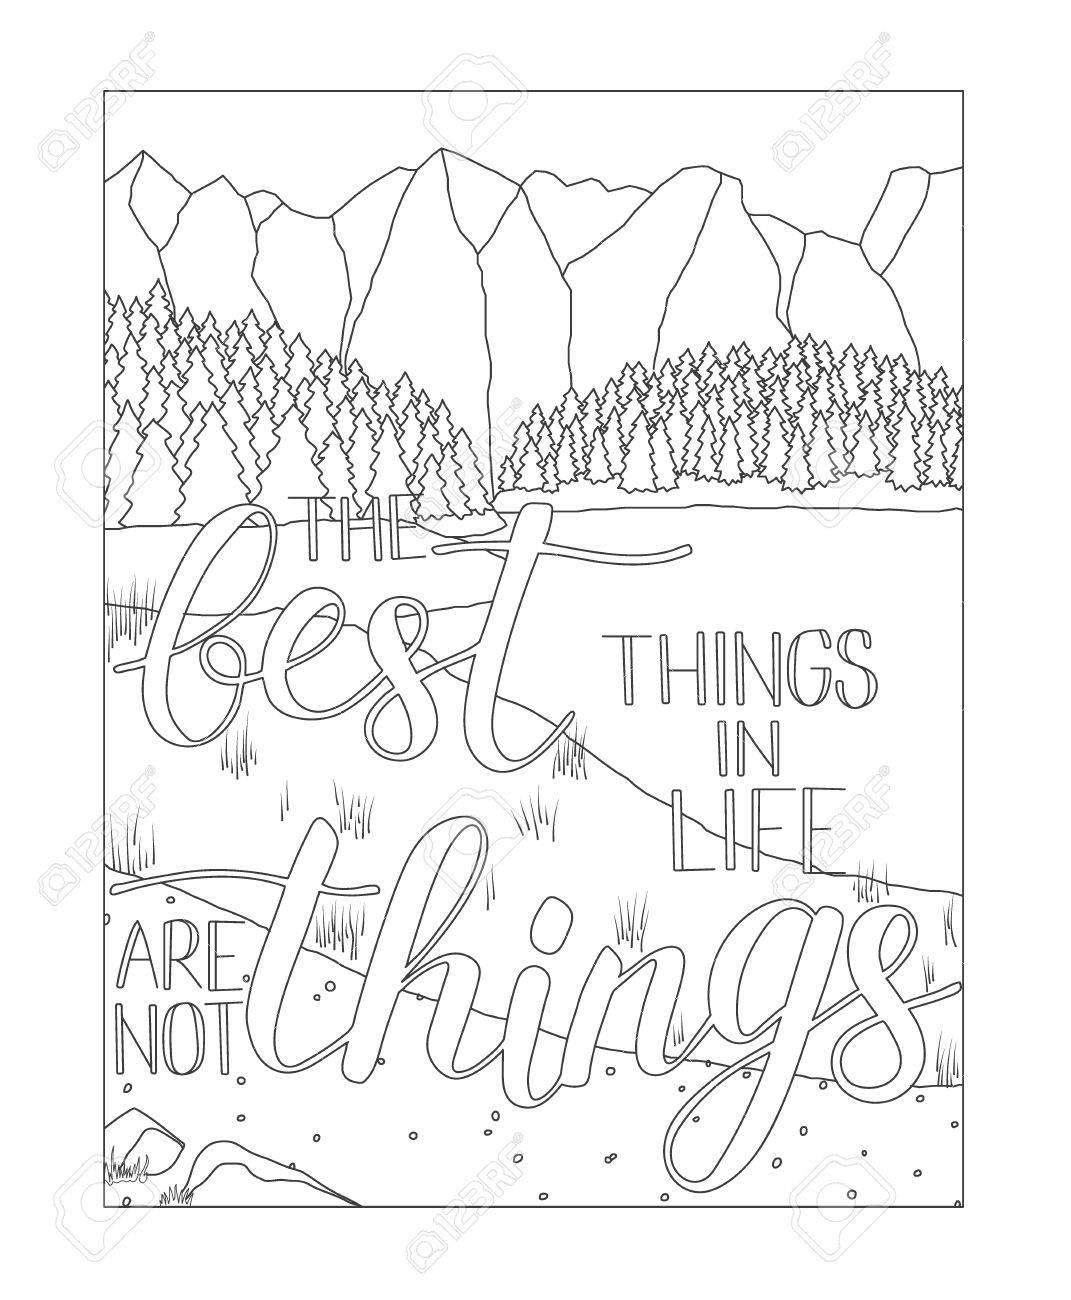 Página Del Libro Para Colorear Con Paisajes De Montaña Y Lago Dibujo Antistress Adulto Con Cita Aventura Las Mejores Cosas De La Vida No Son Cosas